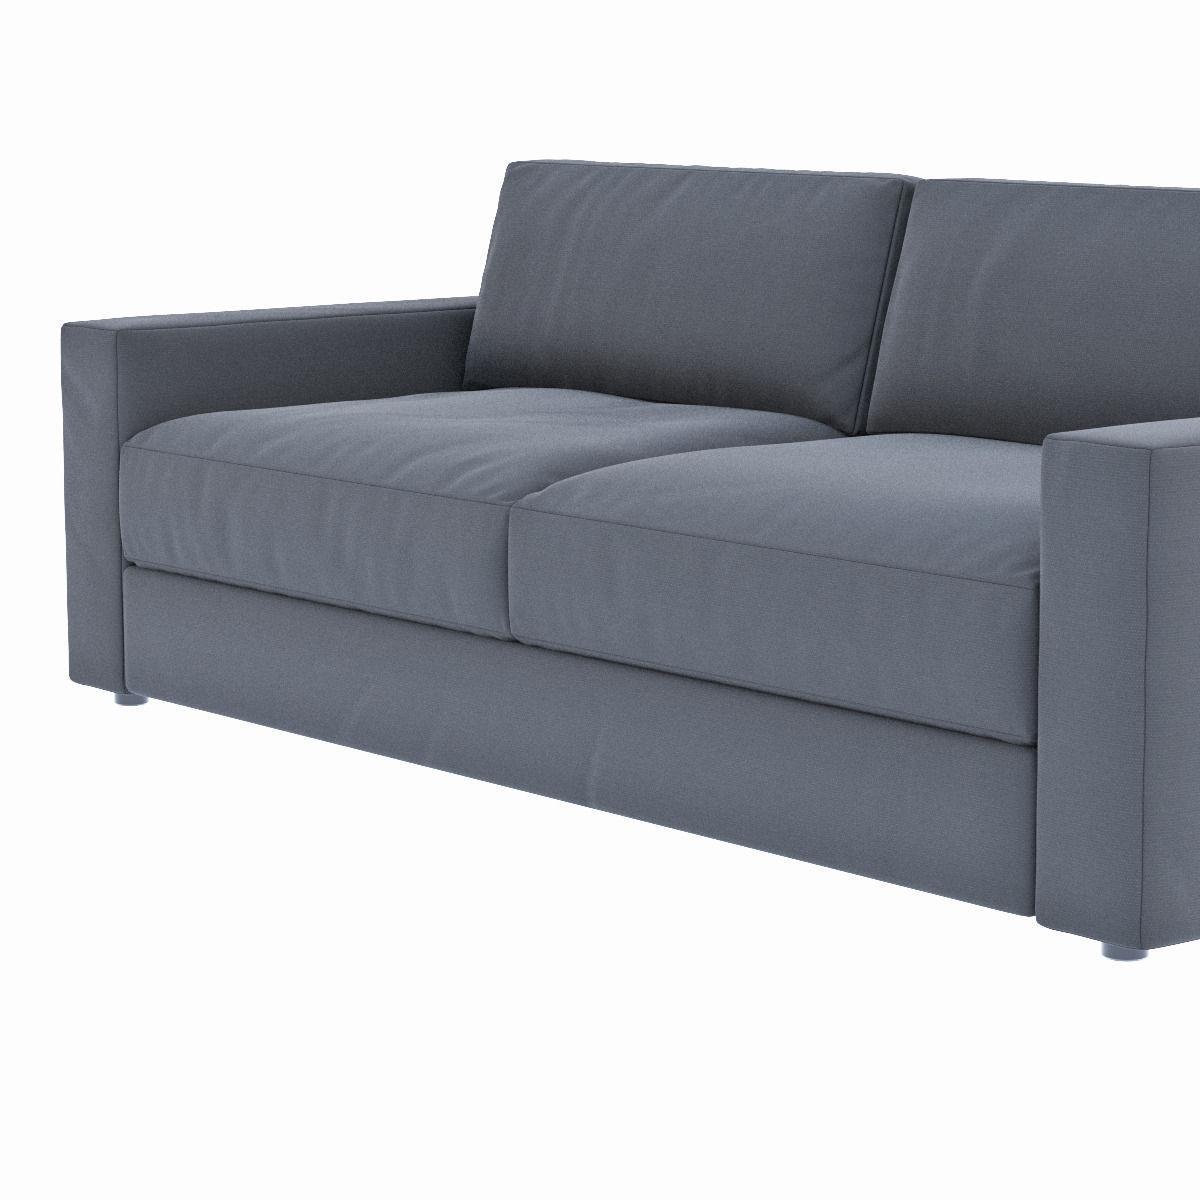 ... West Elm Urban Sofa 3d Model Max Obj Fbx Mtl 4 ...